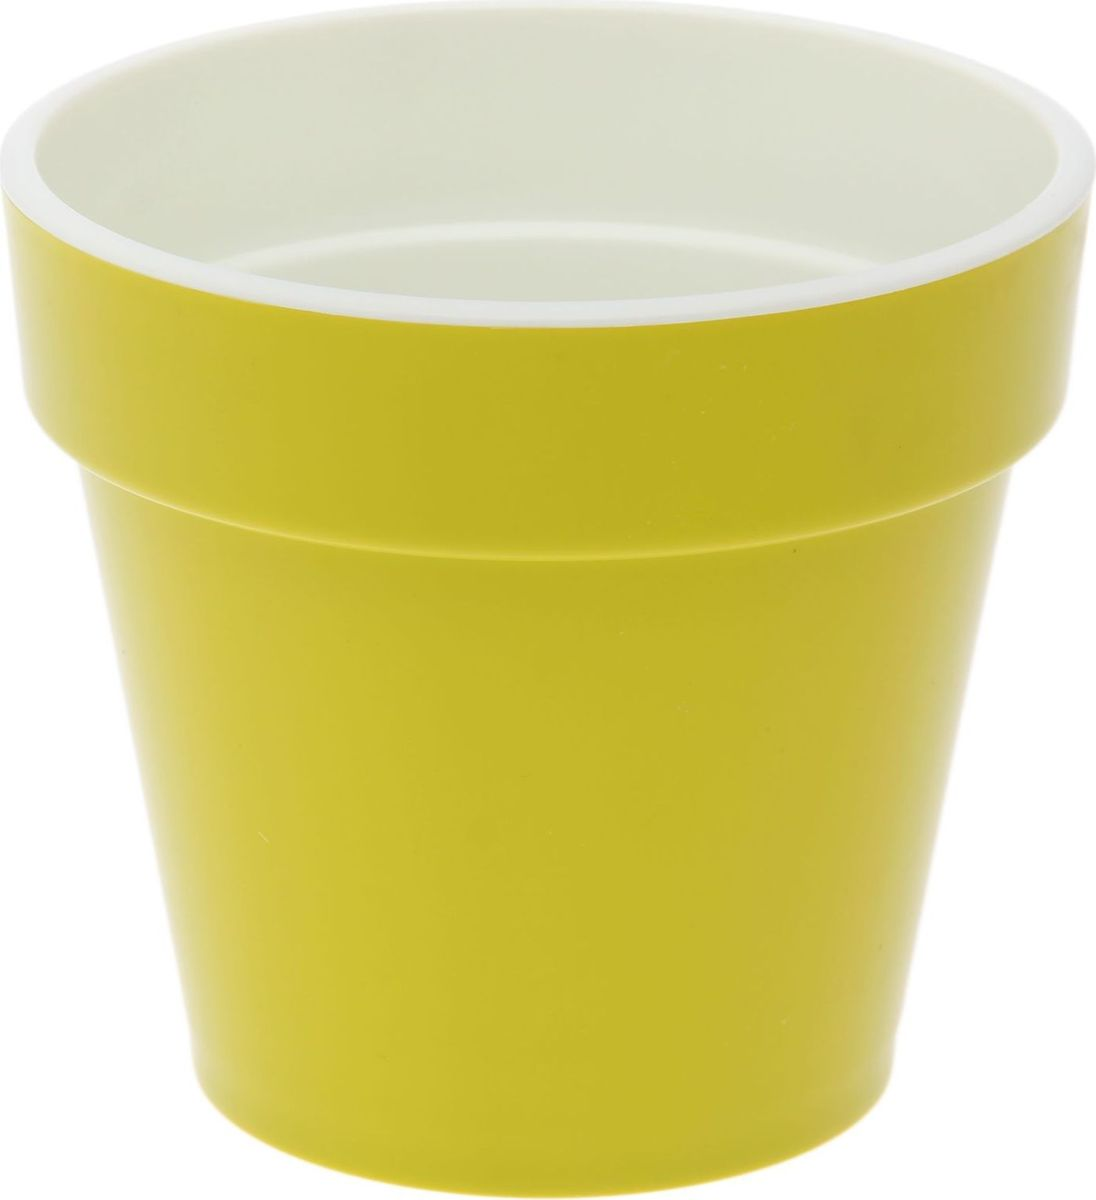 Кашпо JetPlast Порто, со вставкой, цвет: фисташковый, 2,4 л4612754052486Кашпо Порто классической формы с внутренней вставкой-горшком. Дренажная вставка позволяет легко поливать растения без использования дополнительного поддона. Вместительный объем кашпо позволяет высаживать самые разнообразные растения, а съемная вставка избавит вас от грязи и подчеркнет красоту цветка. Оно изготовлено из прочного полипропилена (пластика). Такое кашпо порадует вас функциональностью, а благодаря лаконичному дизайну впишется в любой интерьер помещения. Объем кашпо: 2,4 л.